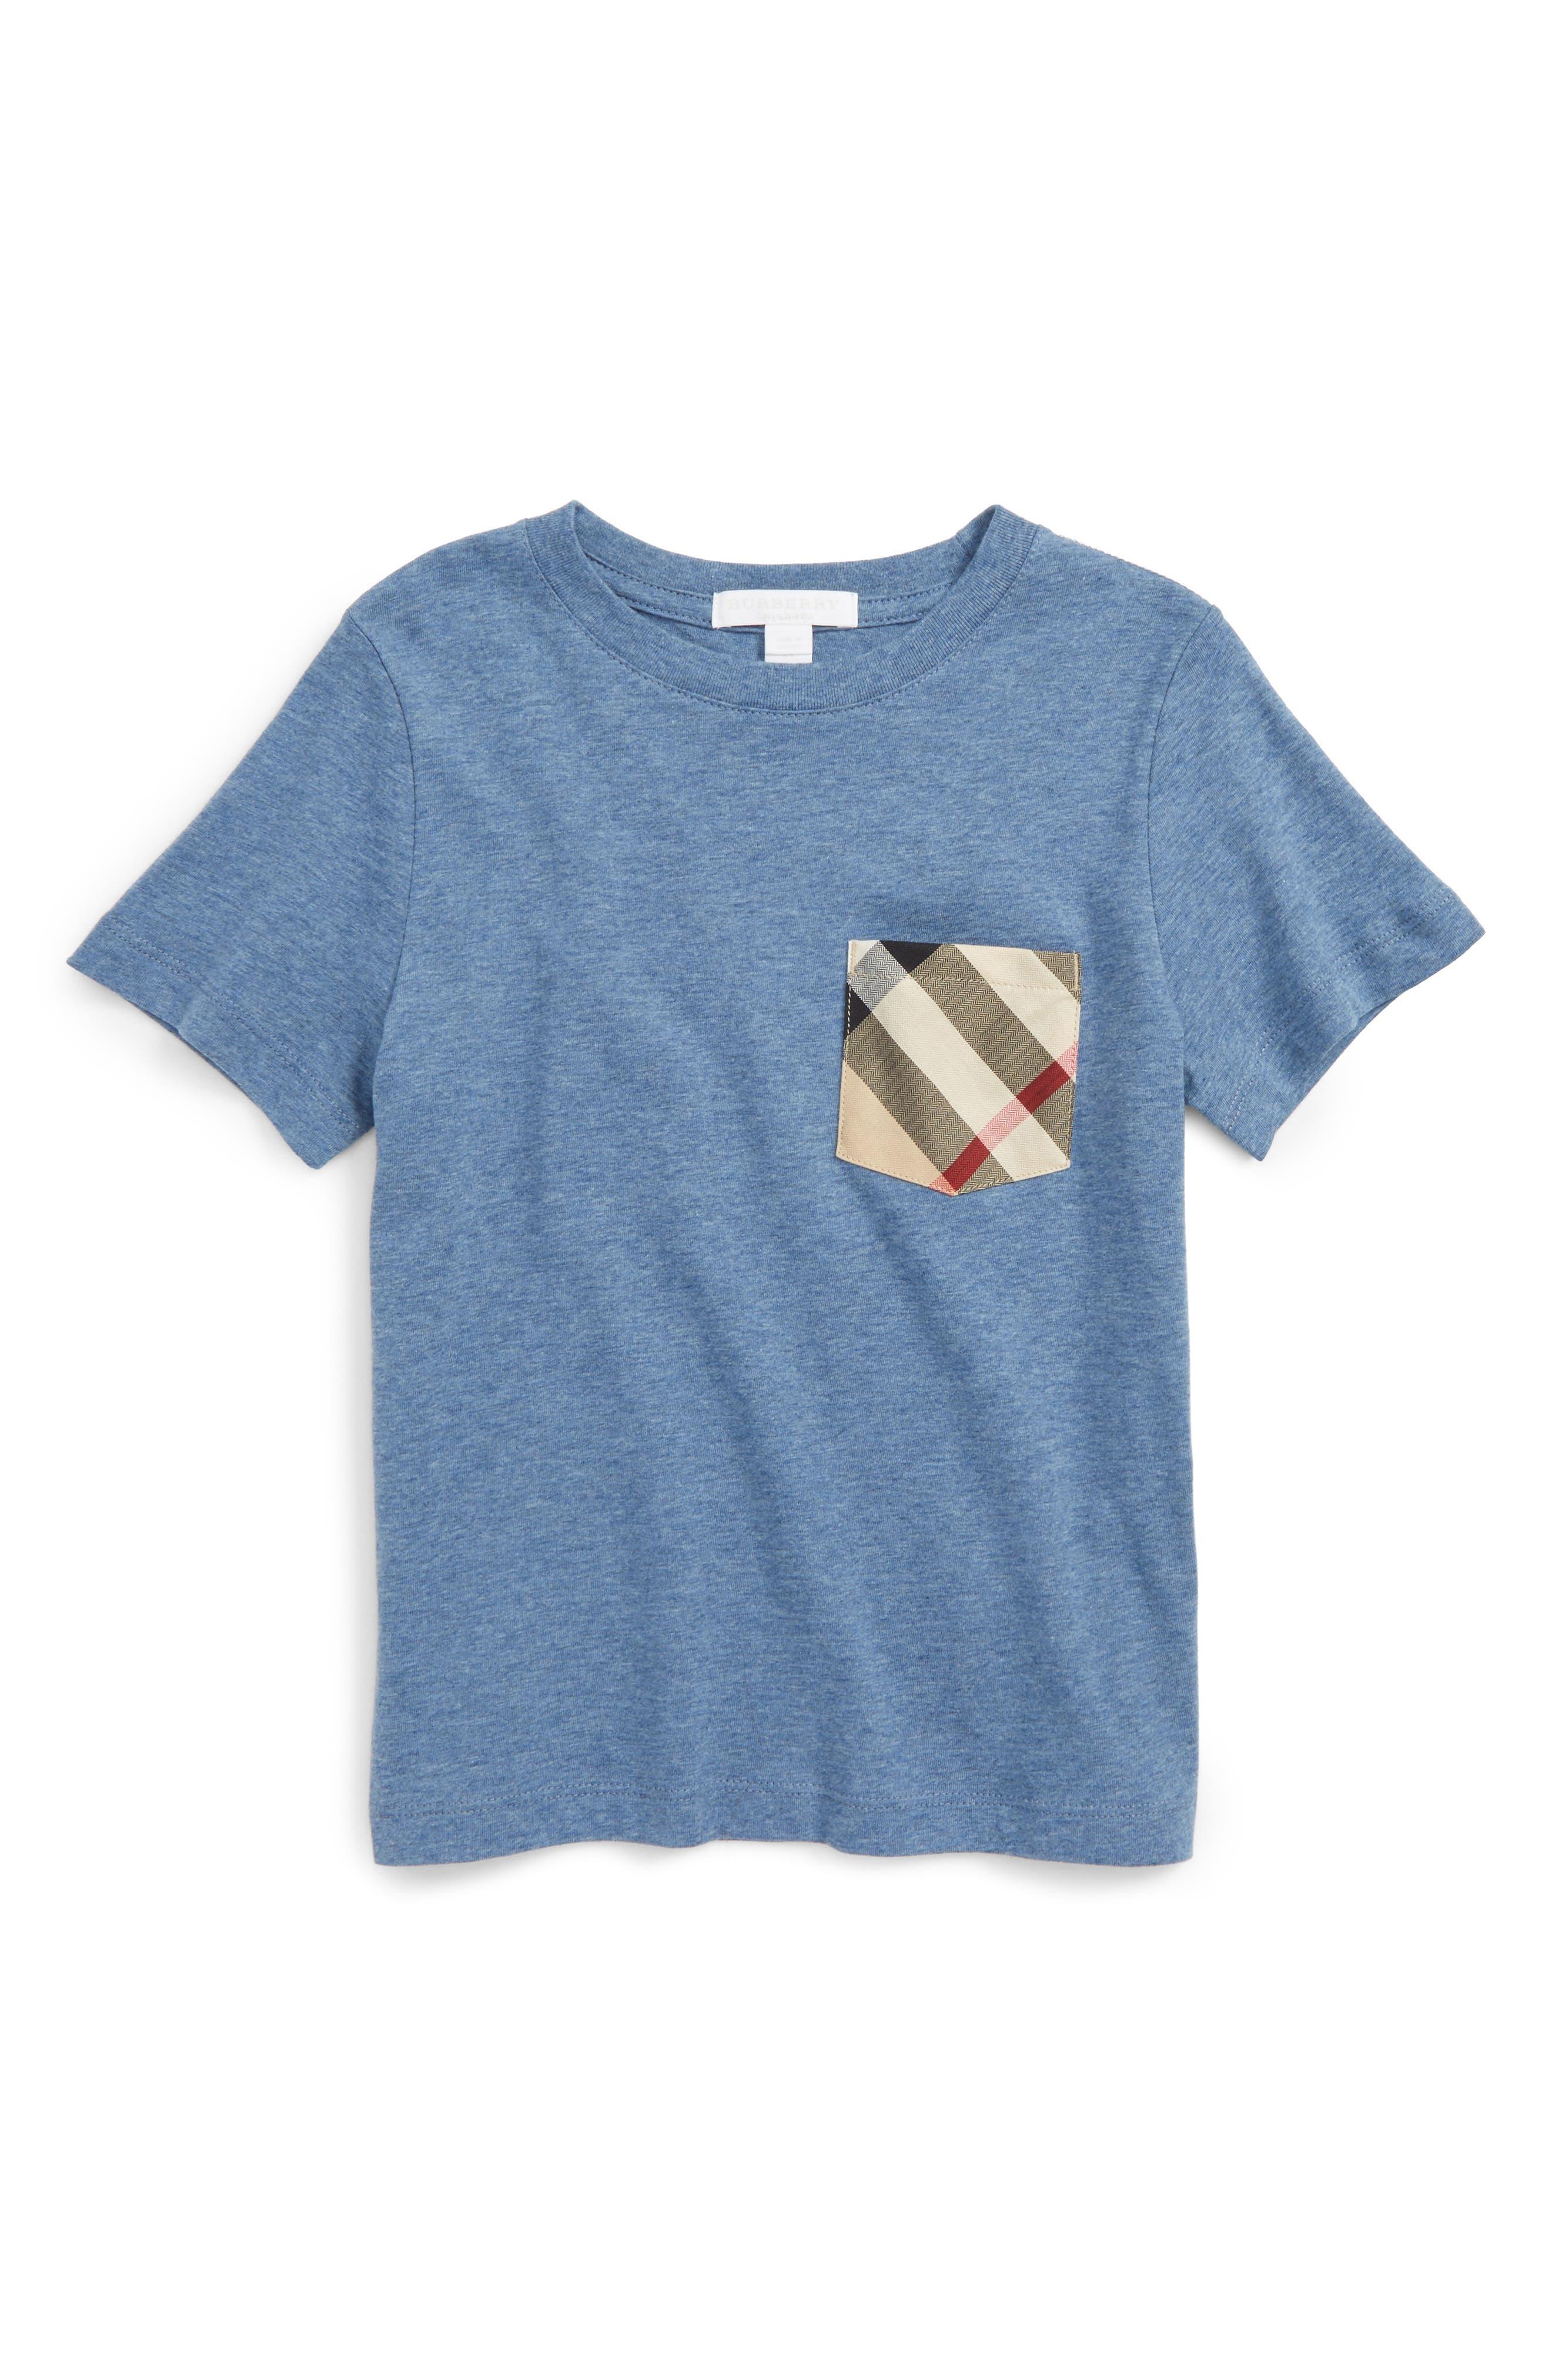 BURBERRY Check Pocket Shirt